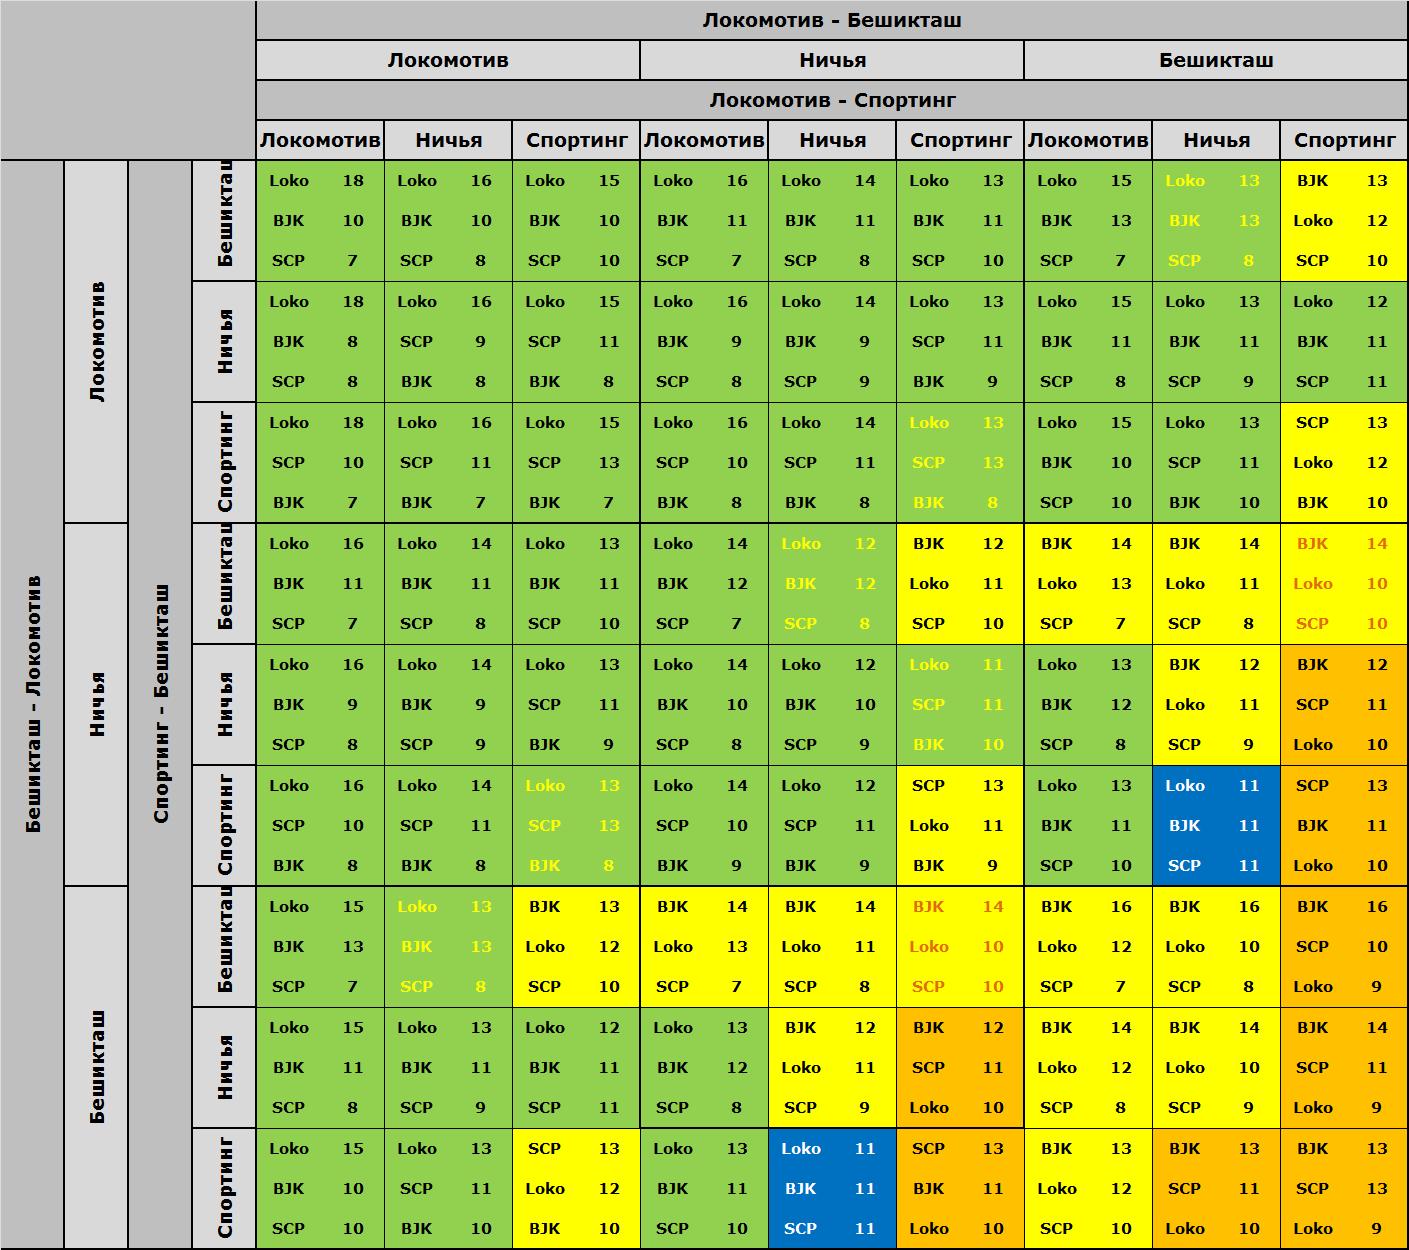 Таблица комбинаций группы H Лиги Европы 2015/16